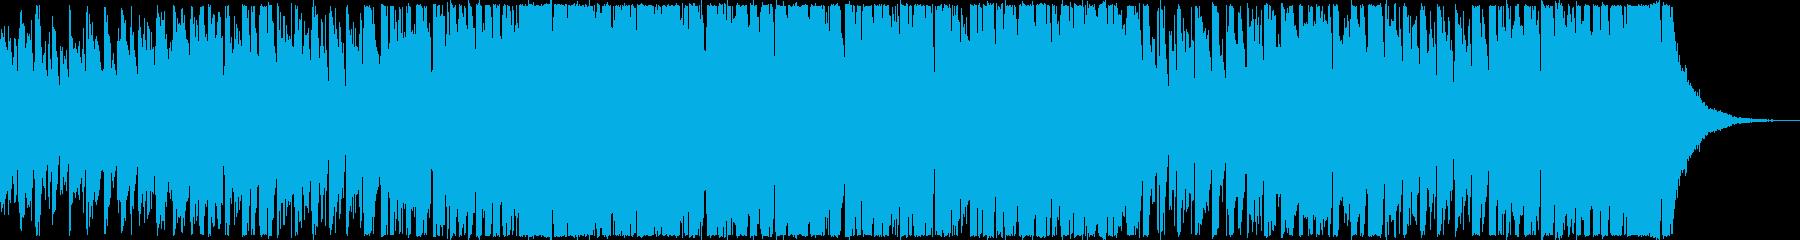 かわいいペット映像・オープニング・56秒の再生済みの波形